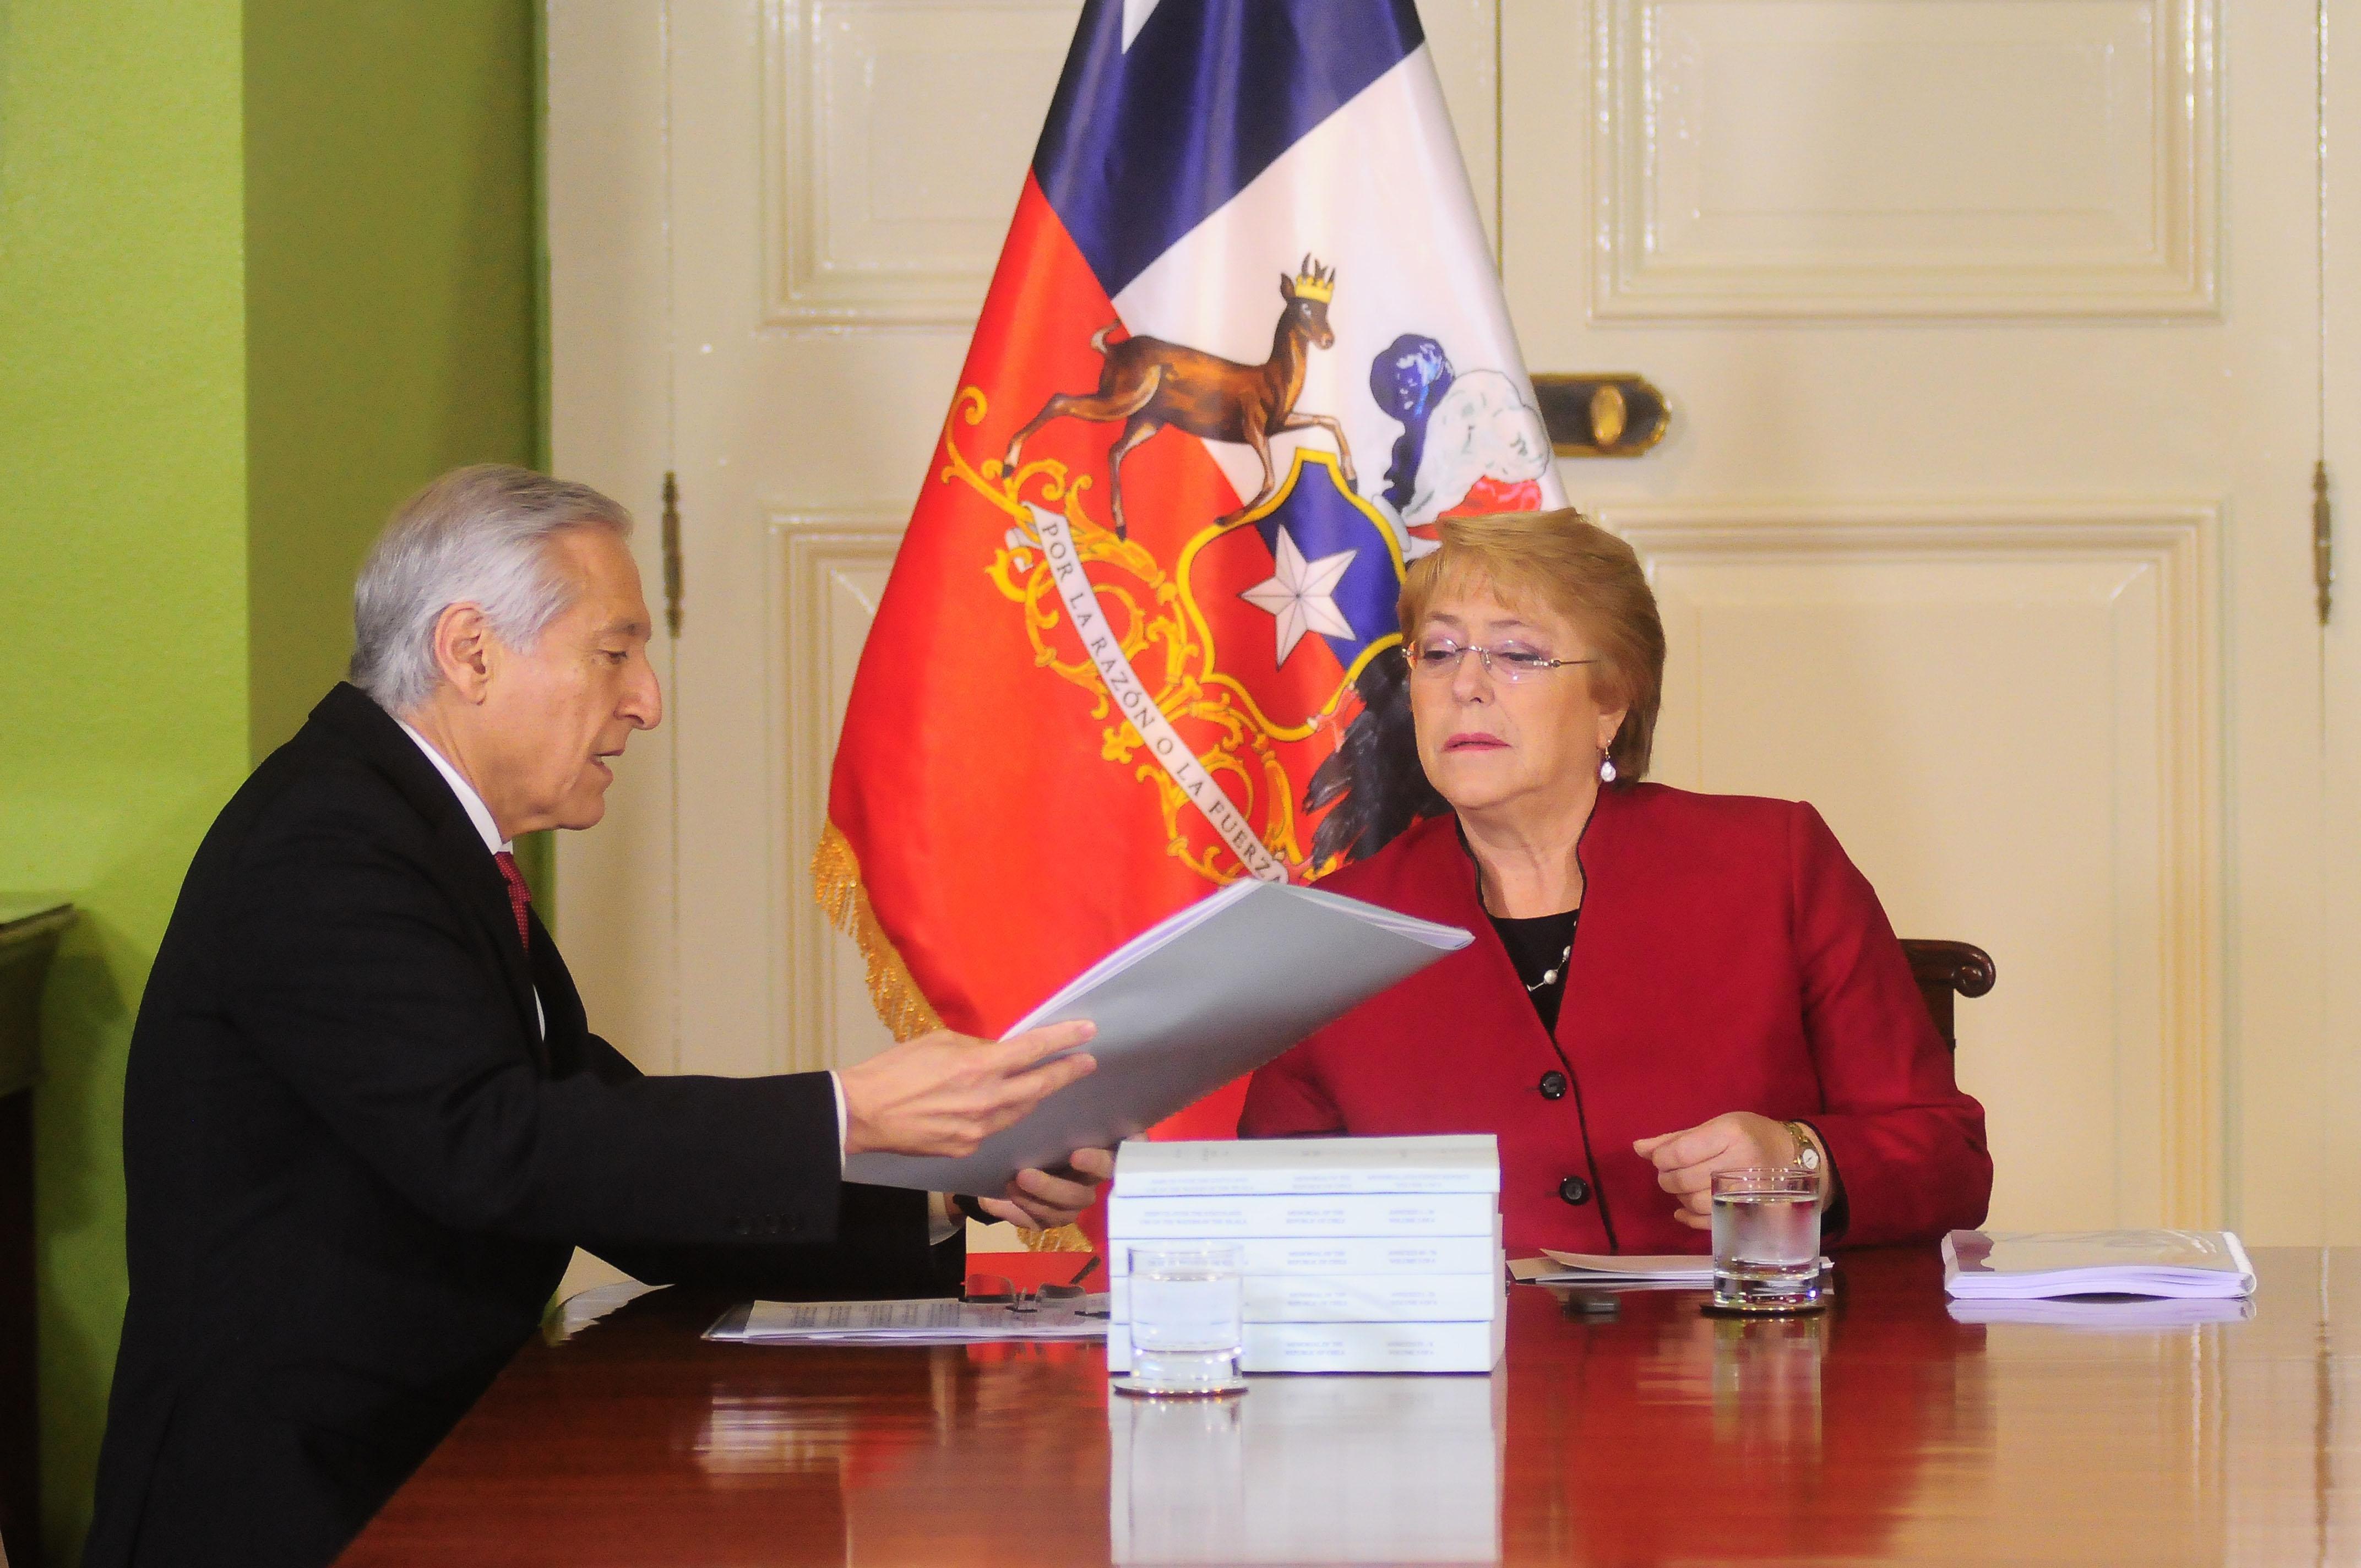 Canciller explica las razones del viaje de Bachelet a Cuba a menos de 70 días de dejar La Moneda